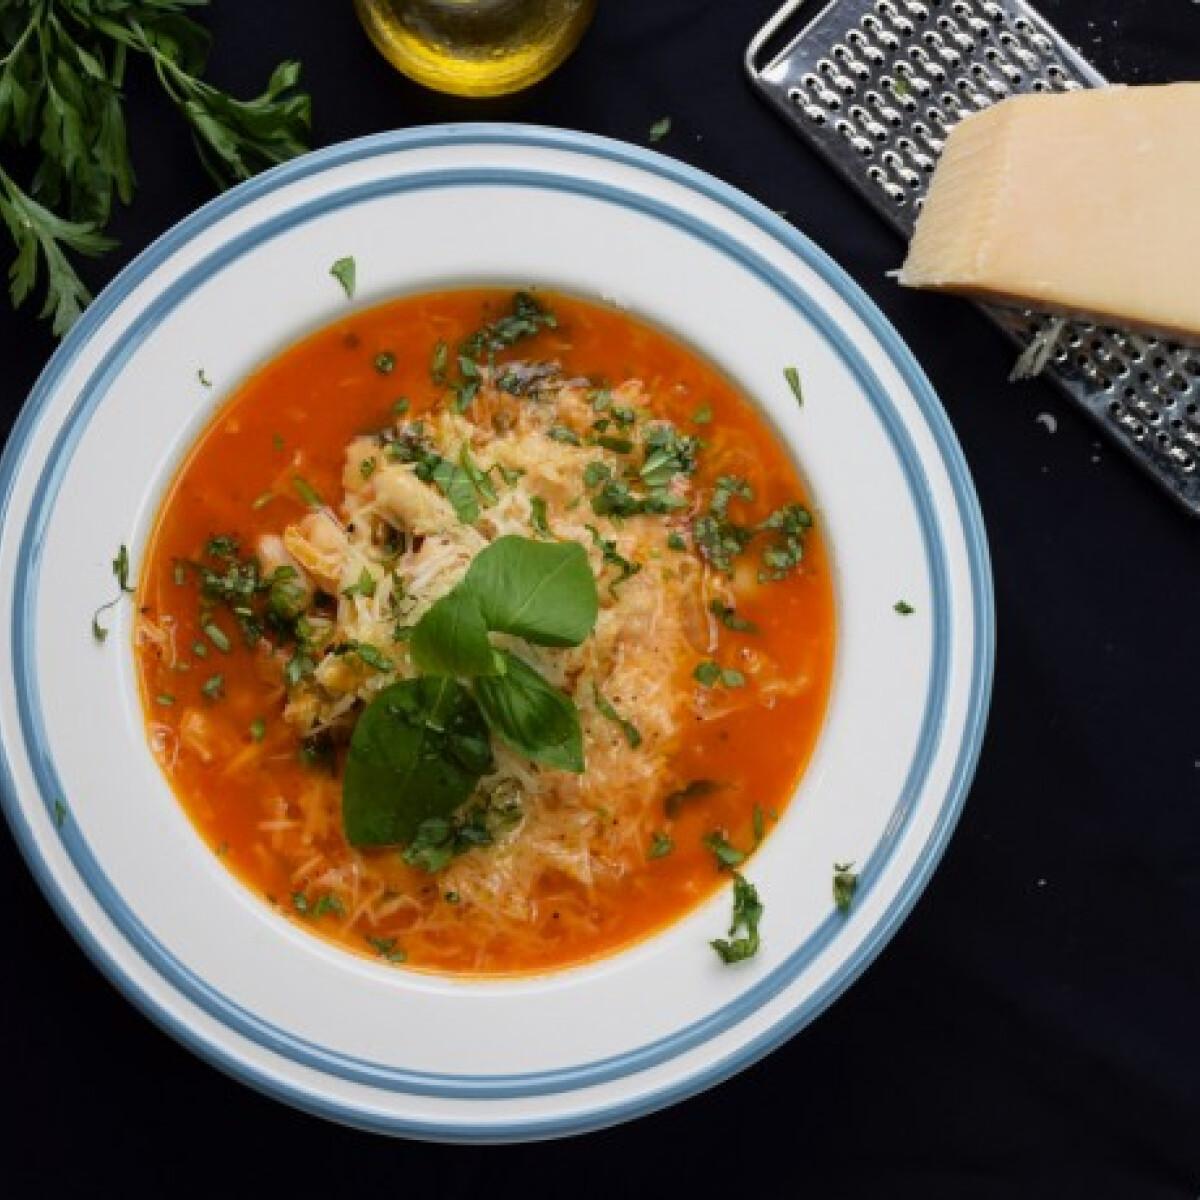 Ezen a képen: Minestrone leves kora őszre